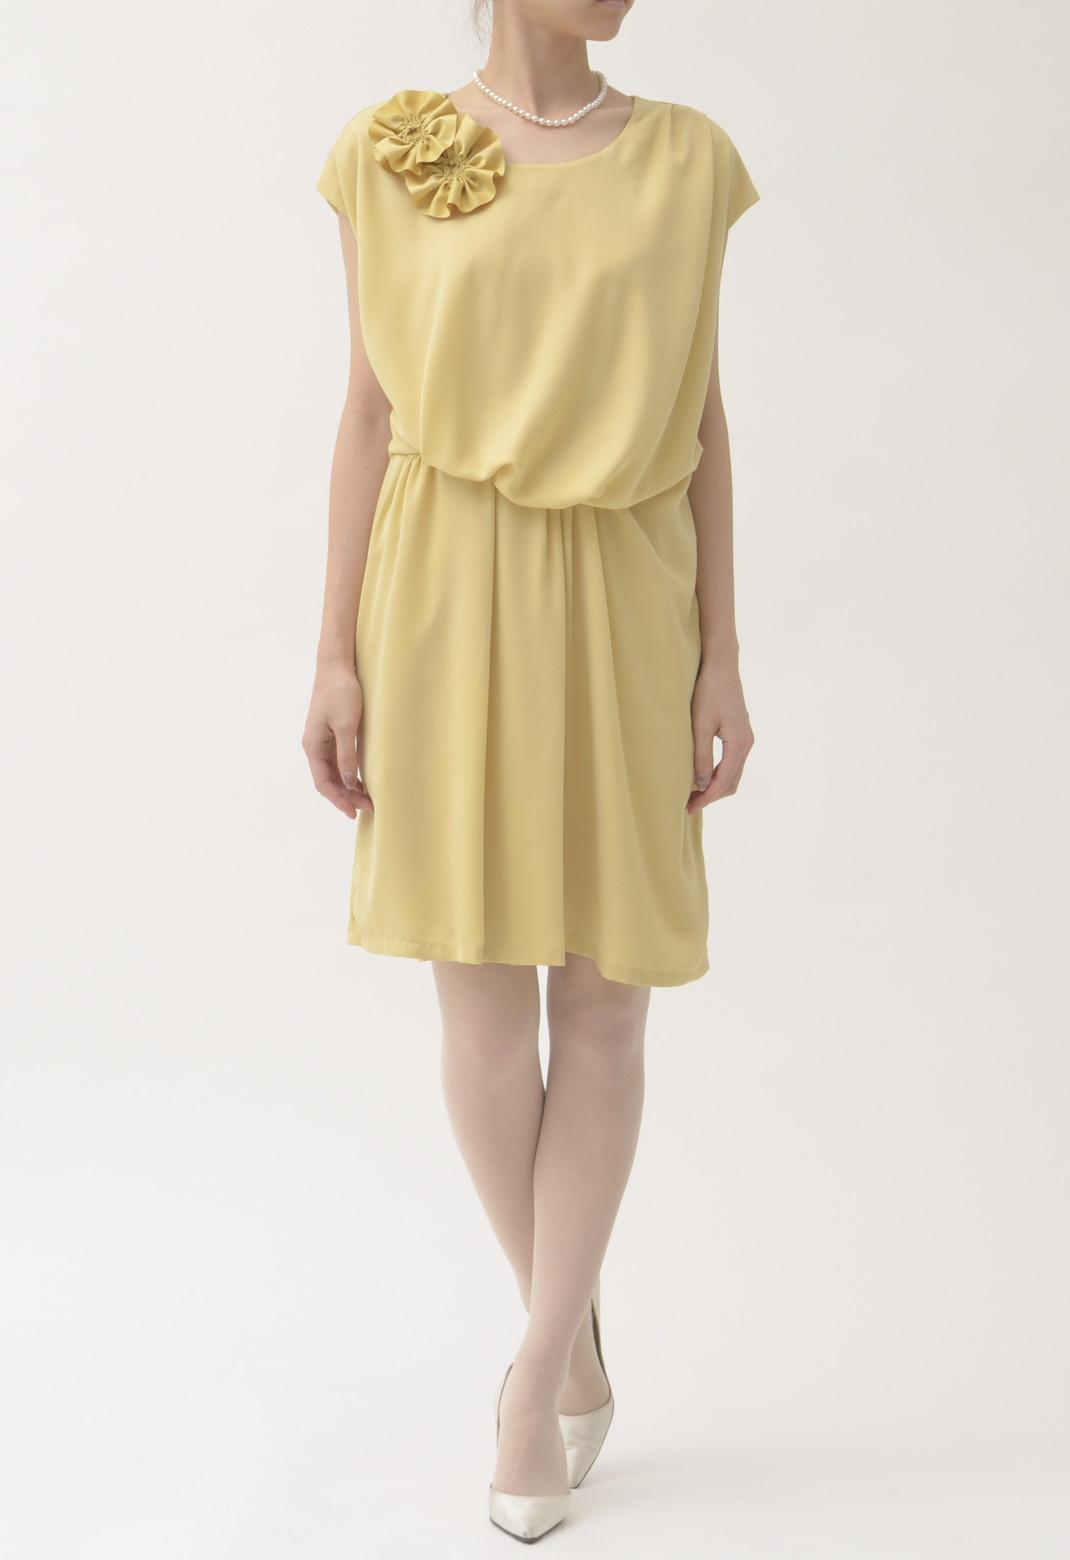 BARNEYS NEWYORK フラワーコサージュ付きフレンチスリーブドレス